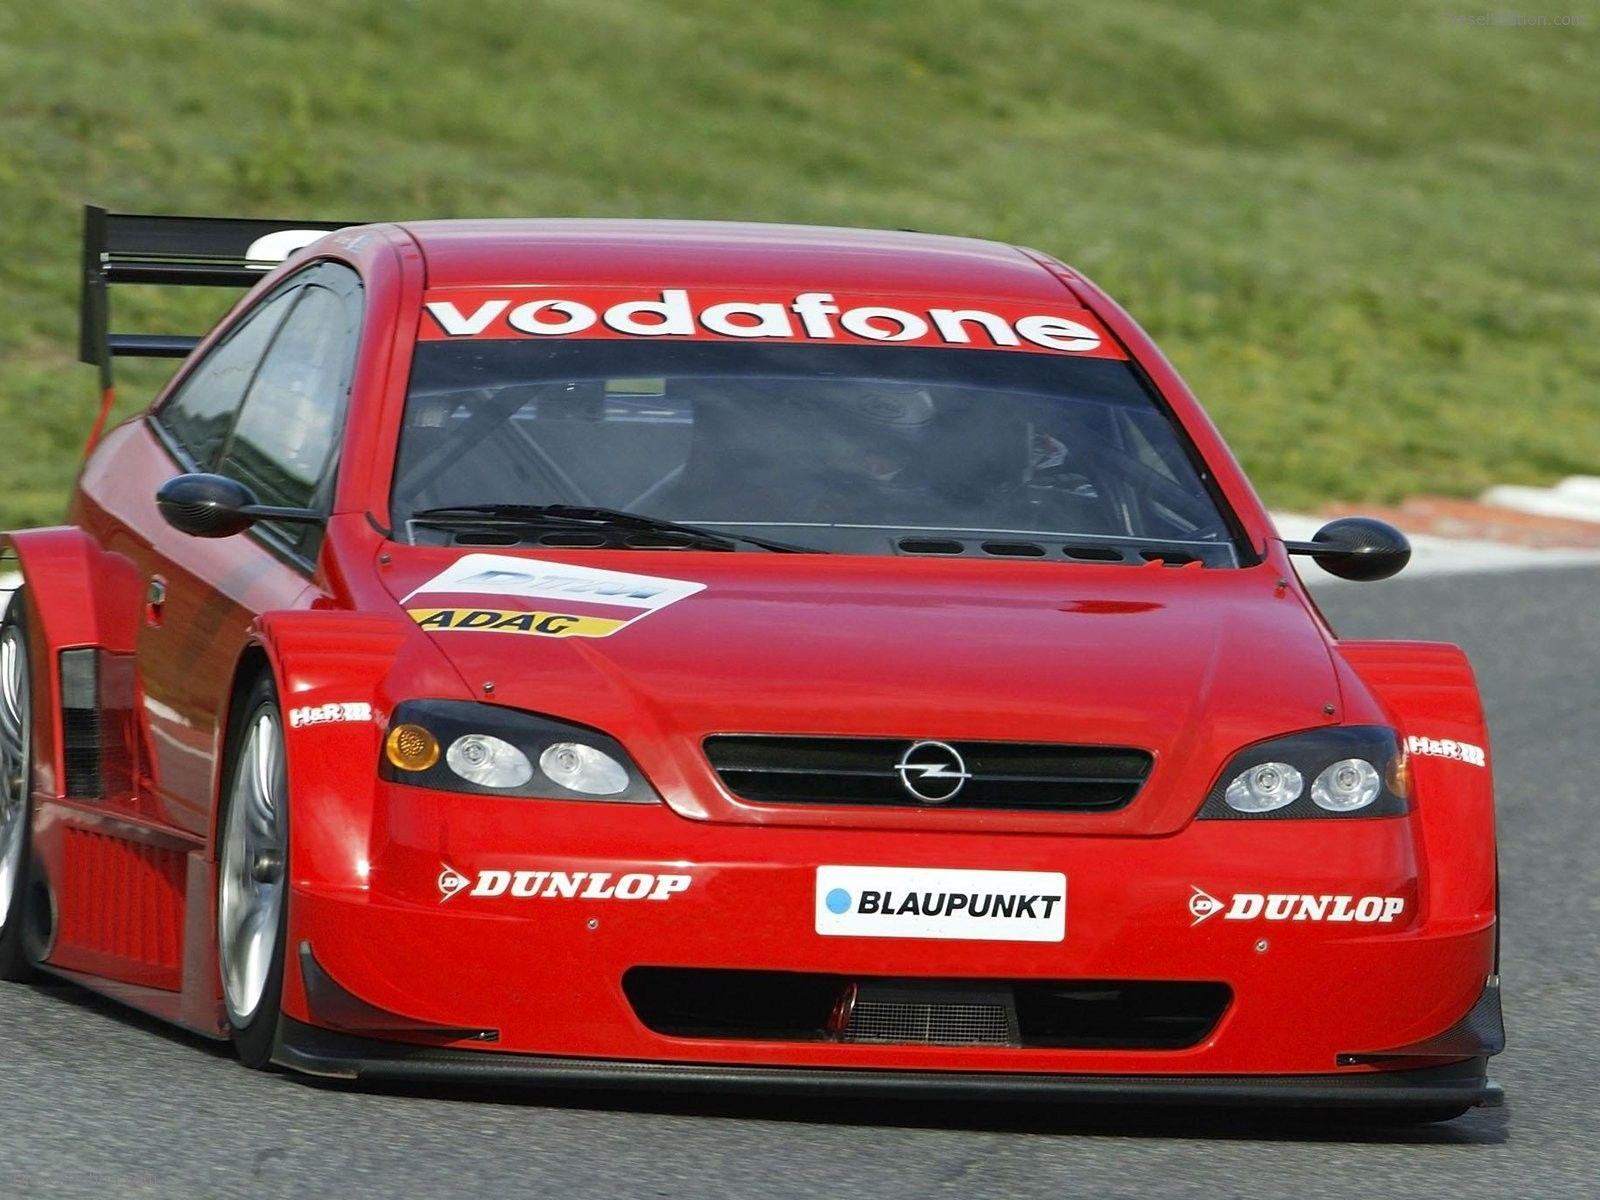 Opel Astra Dtm Opel Racing Motorsport